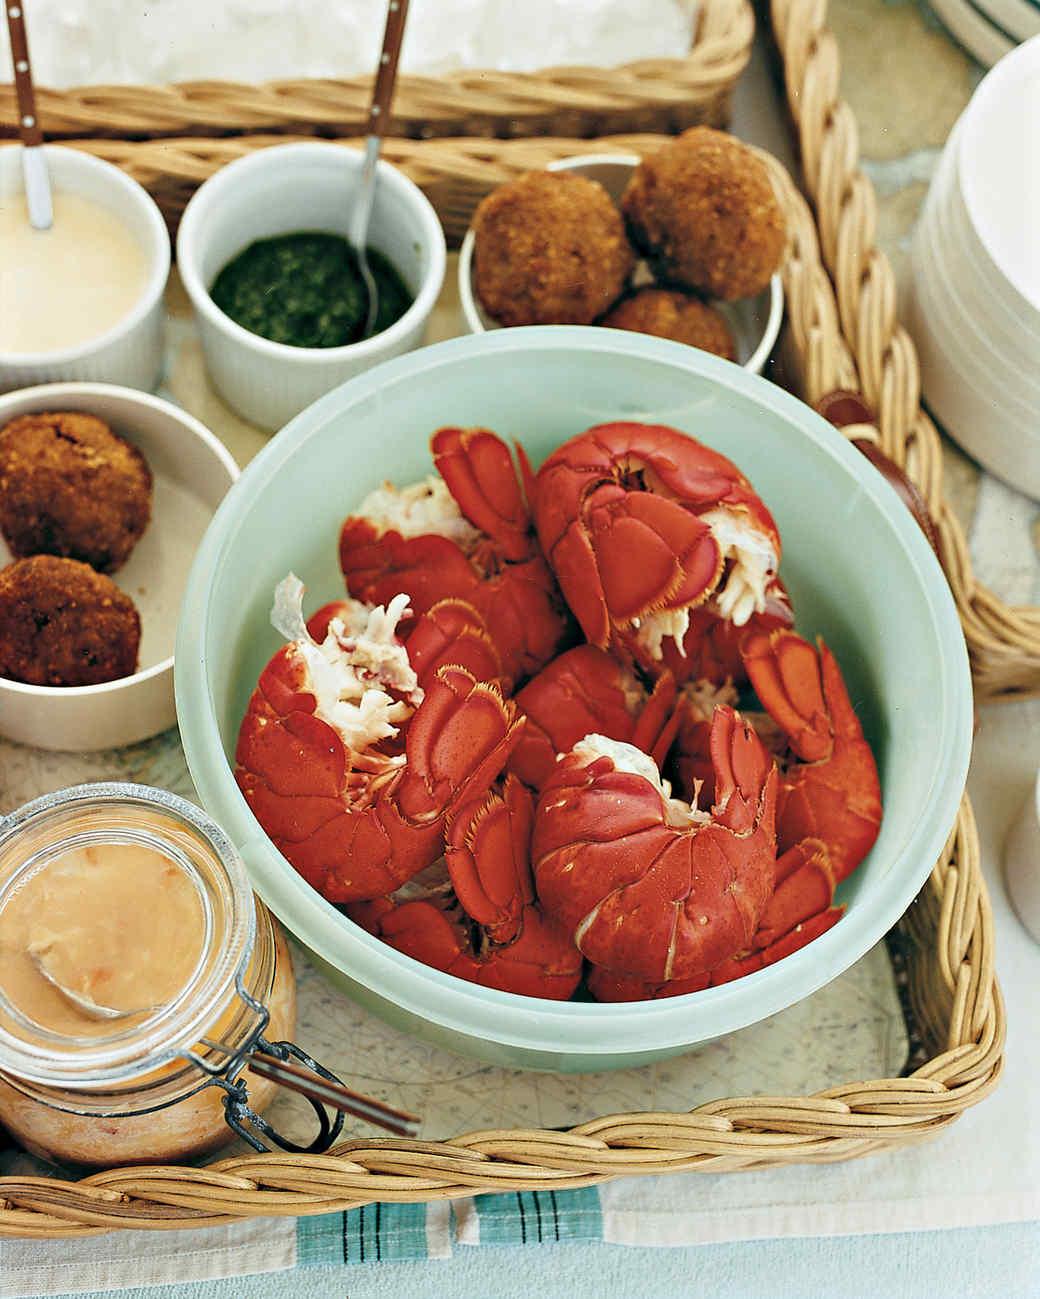 lobster-tails-0806-mla99660.jpg